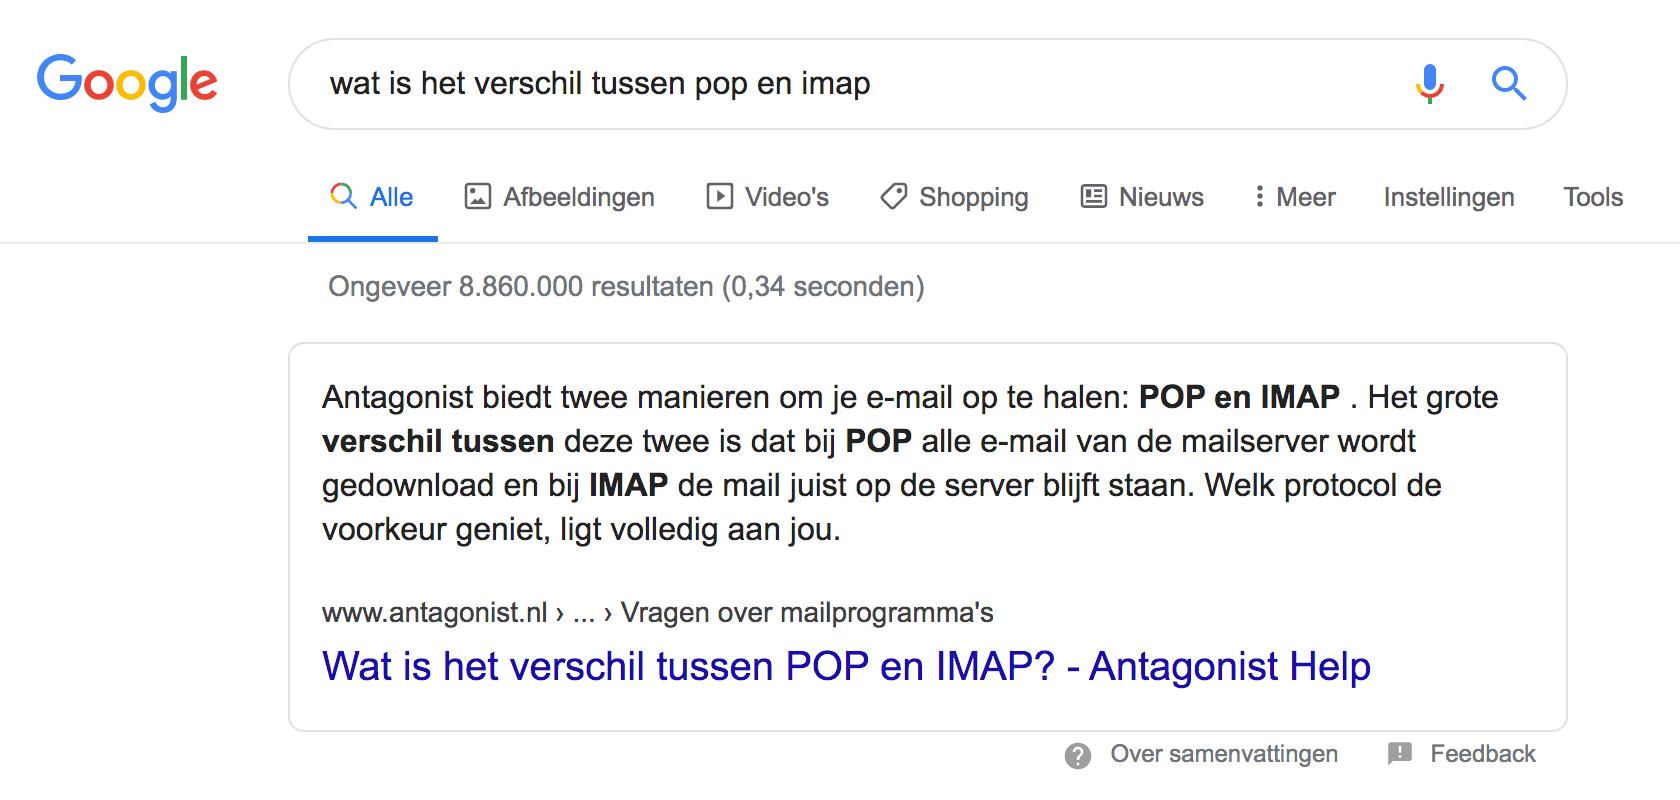 Een featured snippet in Google met tekst.